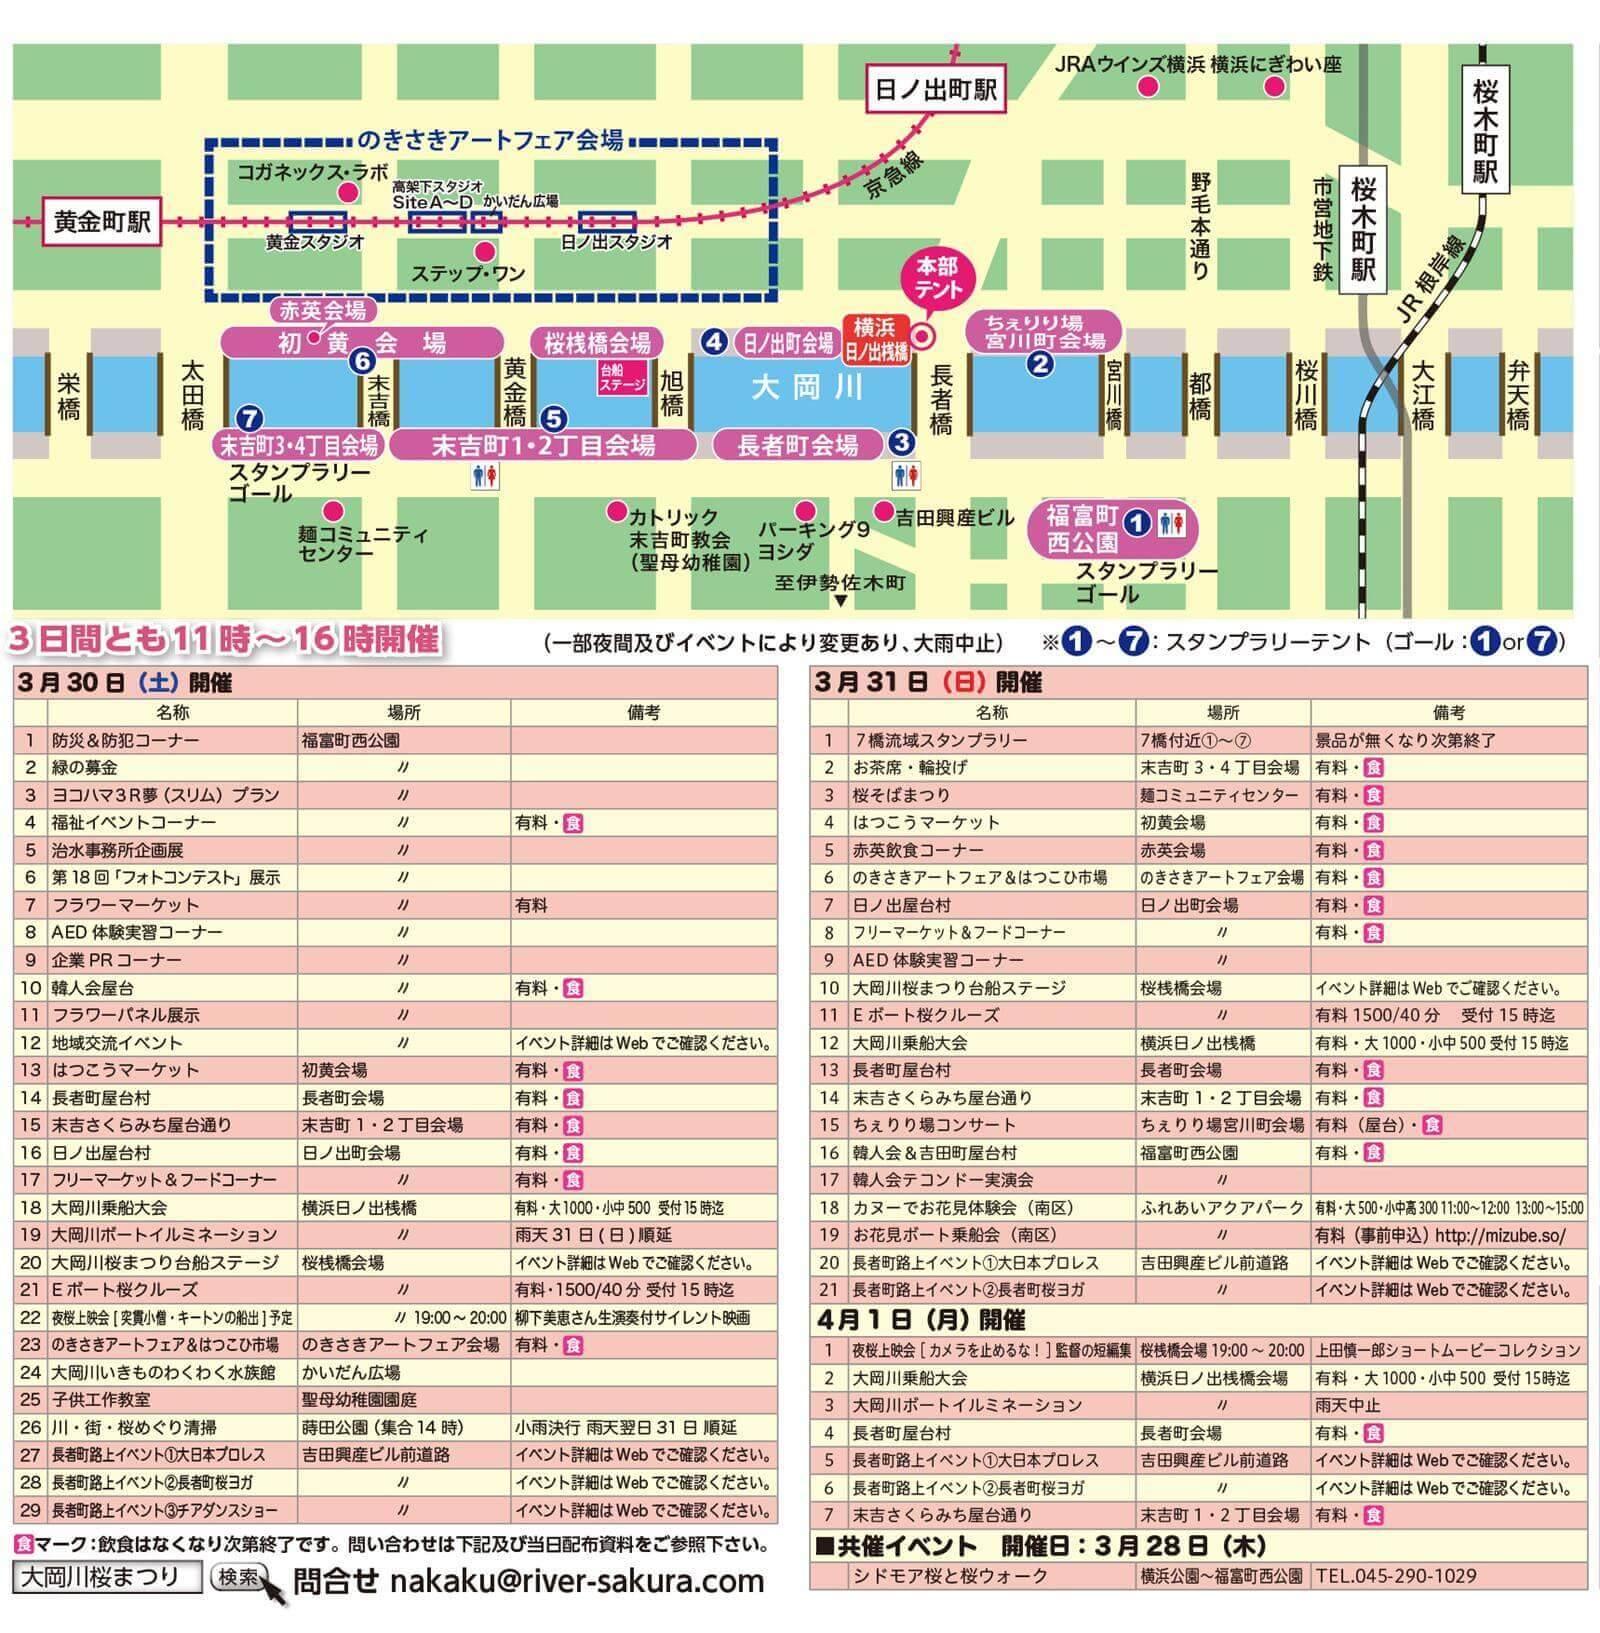 第27回「大岡川桜まつり」のイベントマップ